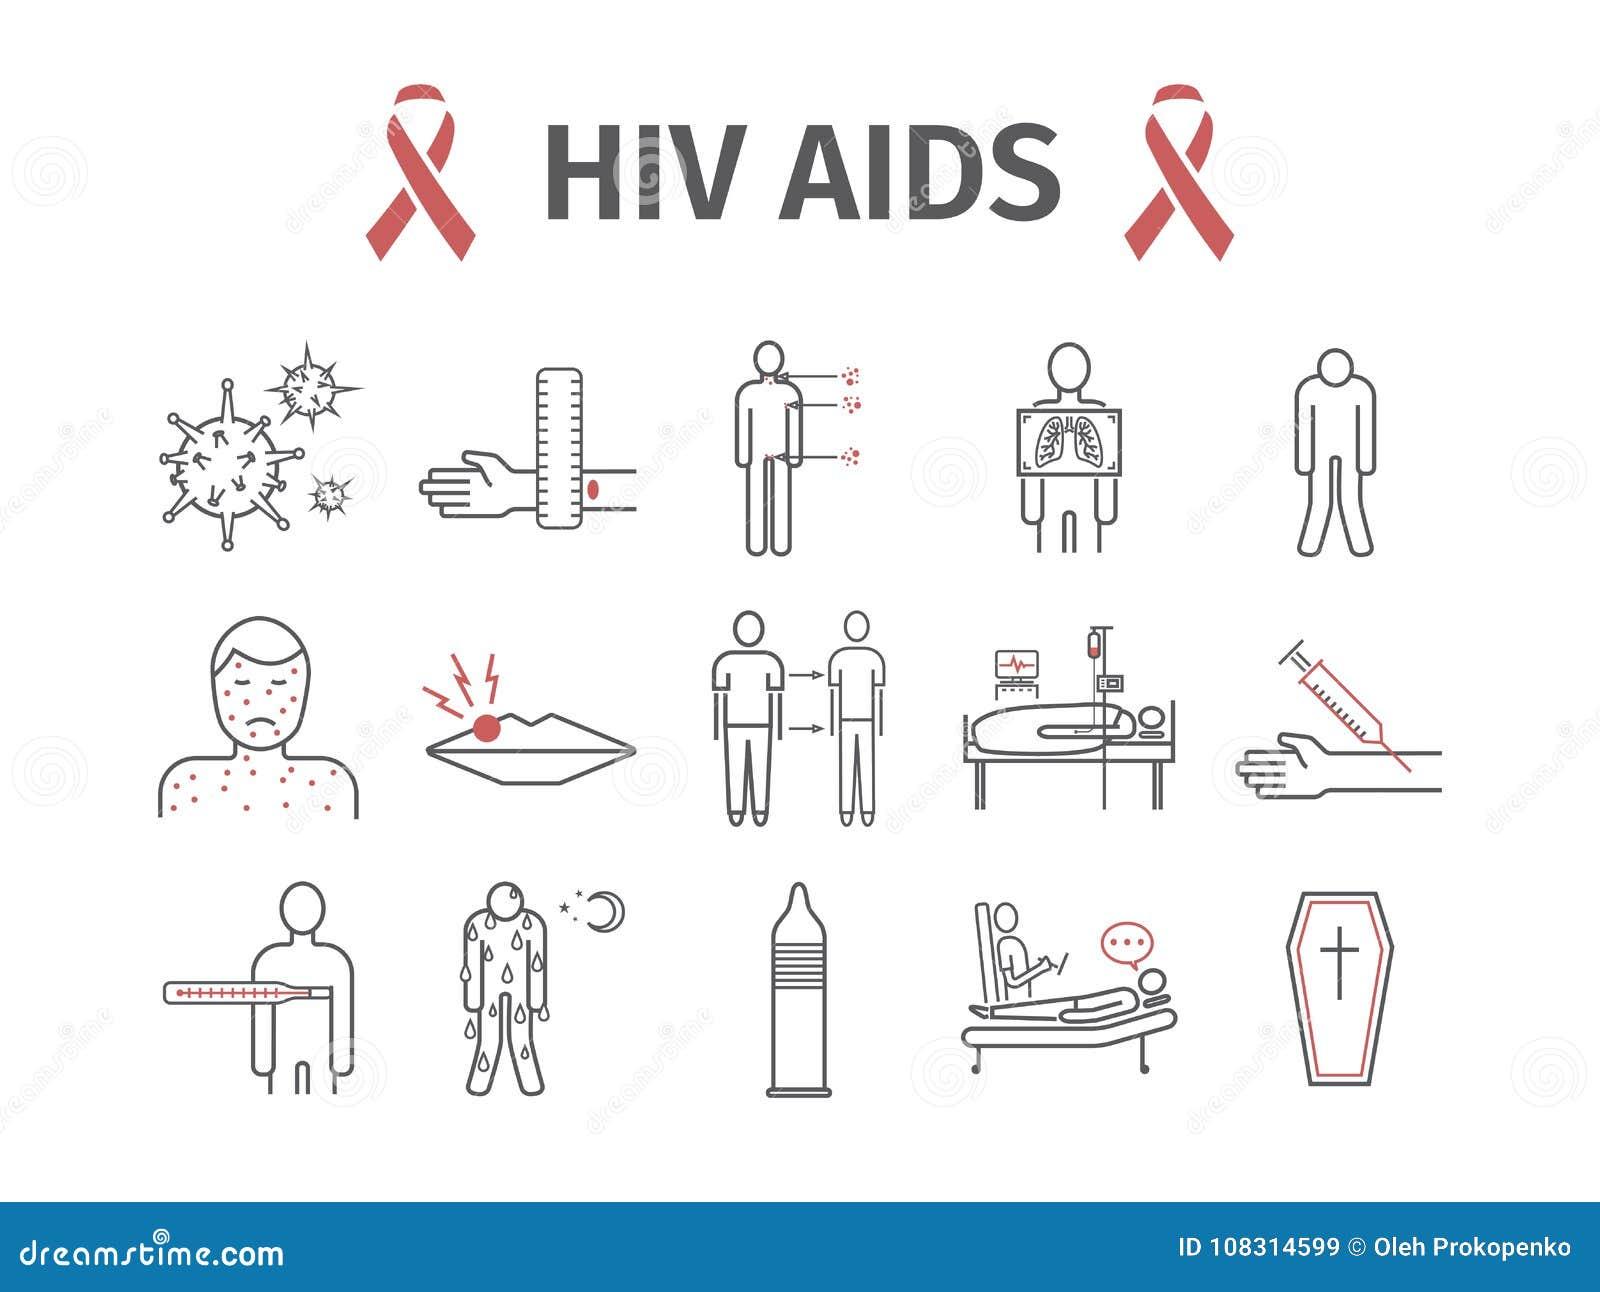 Hiv Aids Symptoms Treatment Line Icons Set Vector Illustration